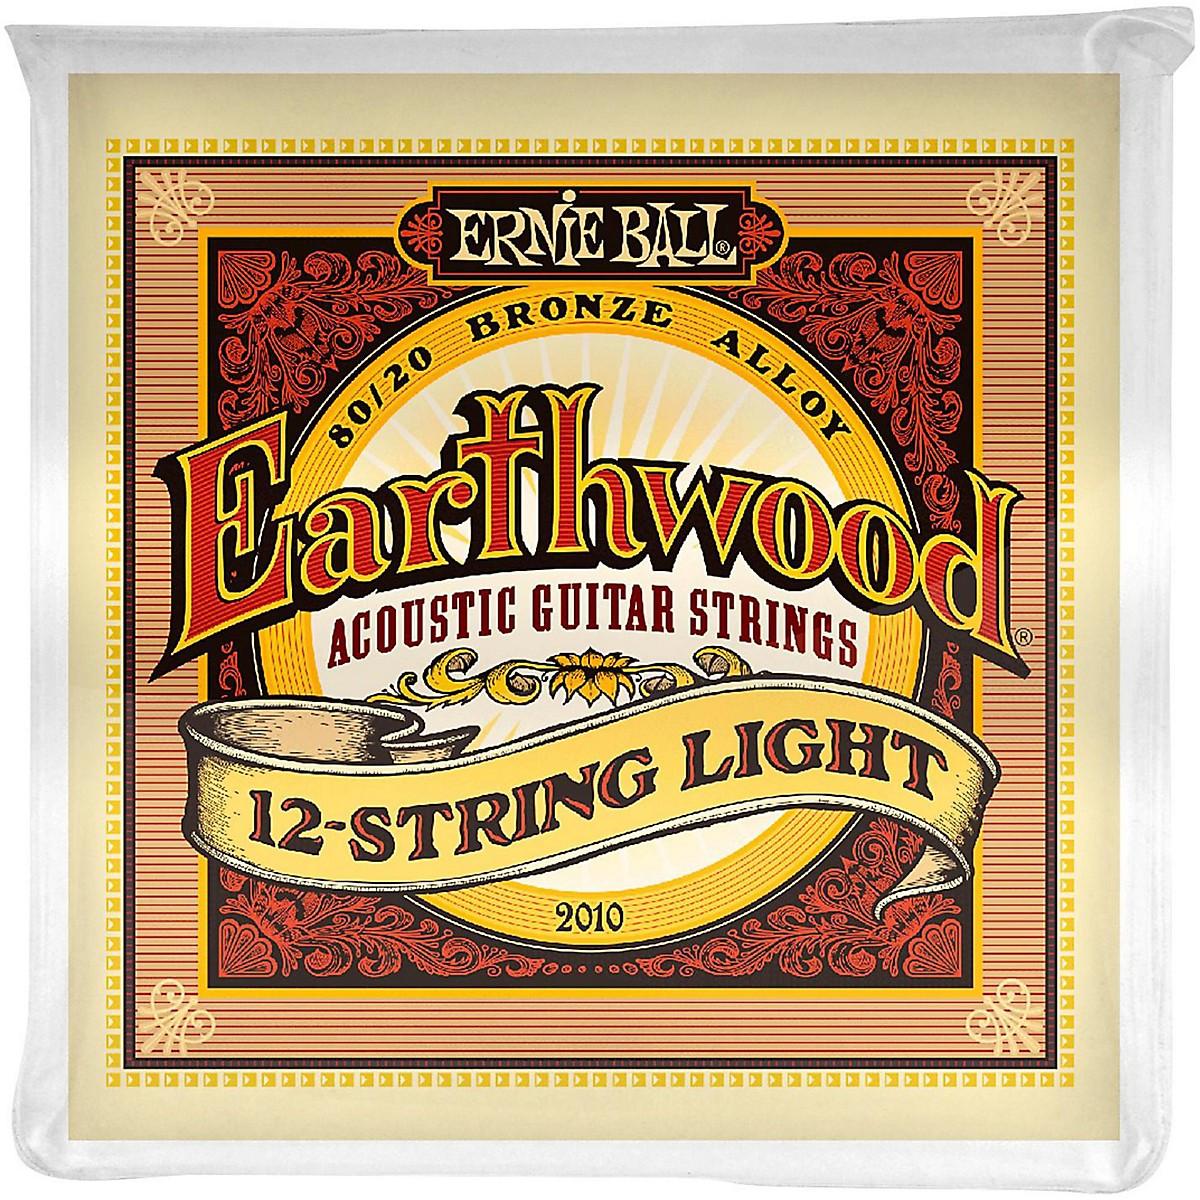 Ernie Ball 2010 Earthwood 80/20 Bronze 12-String Light Acoustic Guitar Strings